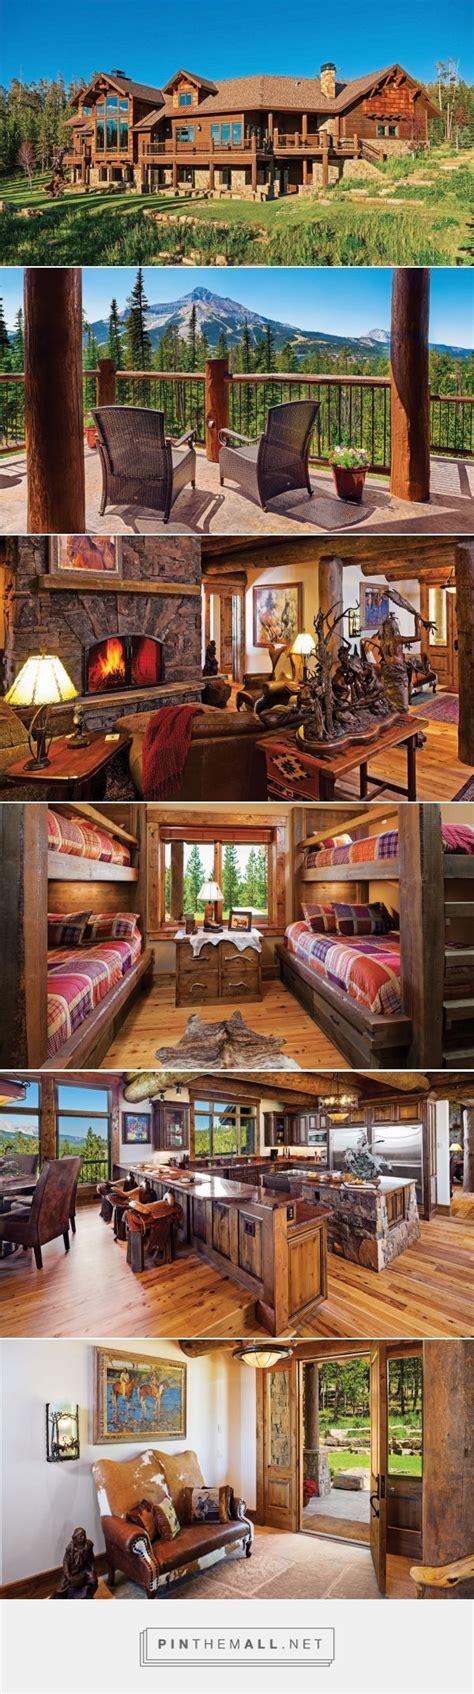 montana home decor big sky country c i magazine big sky country big sky